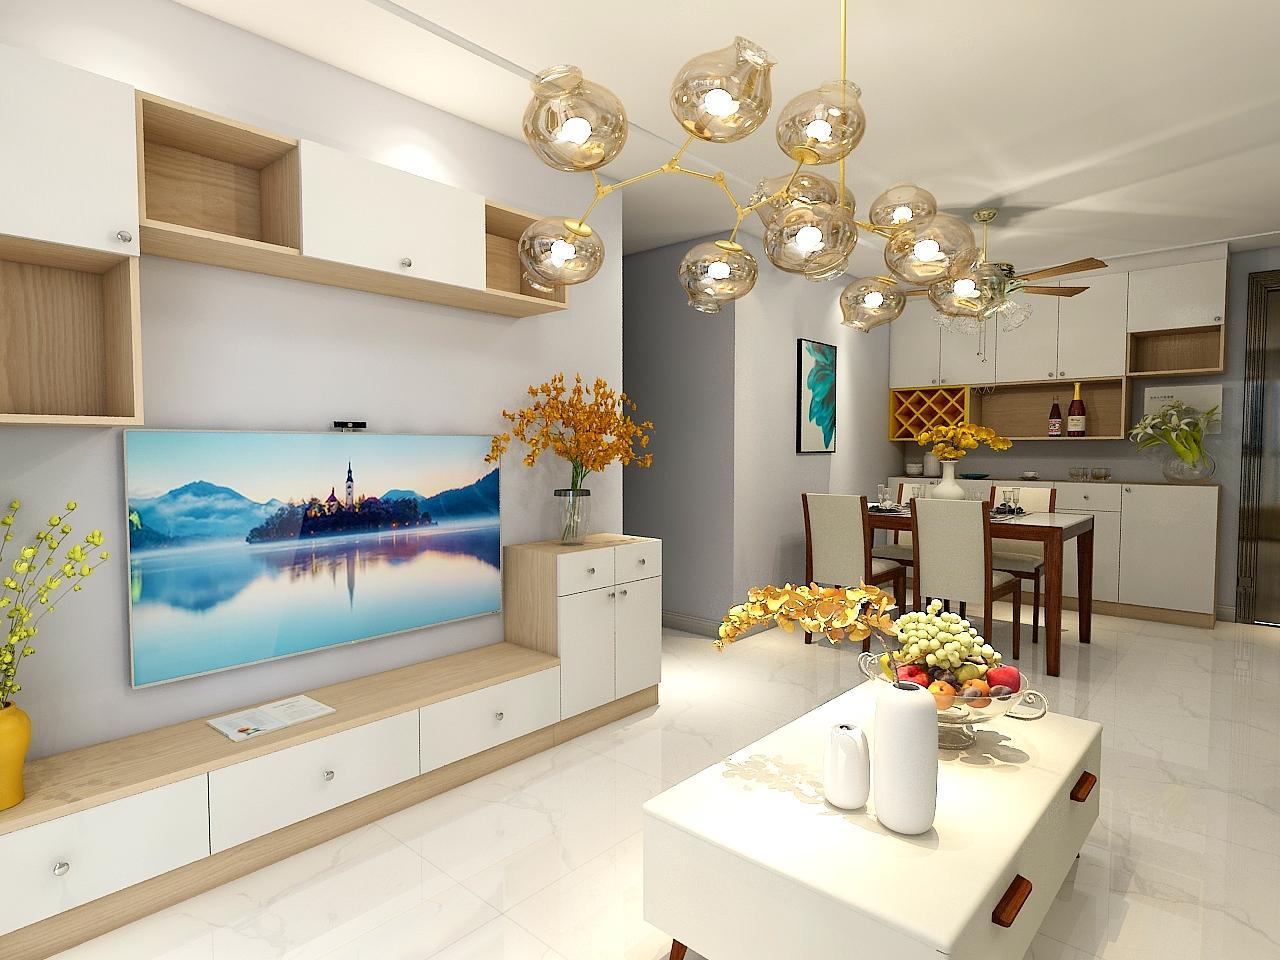 揭阳市室内设计软装设计报价,办公室装修设计价钱